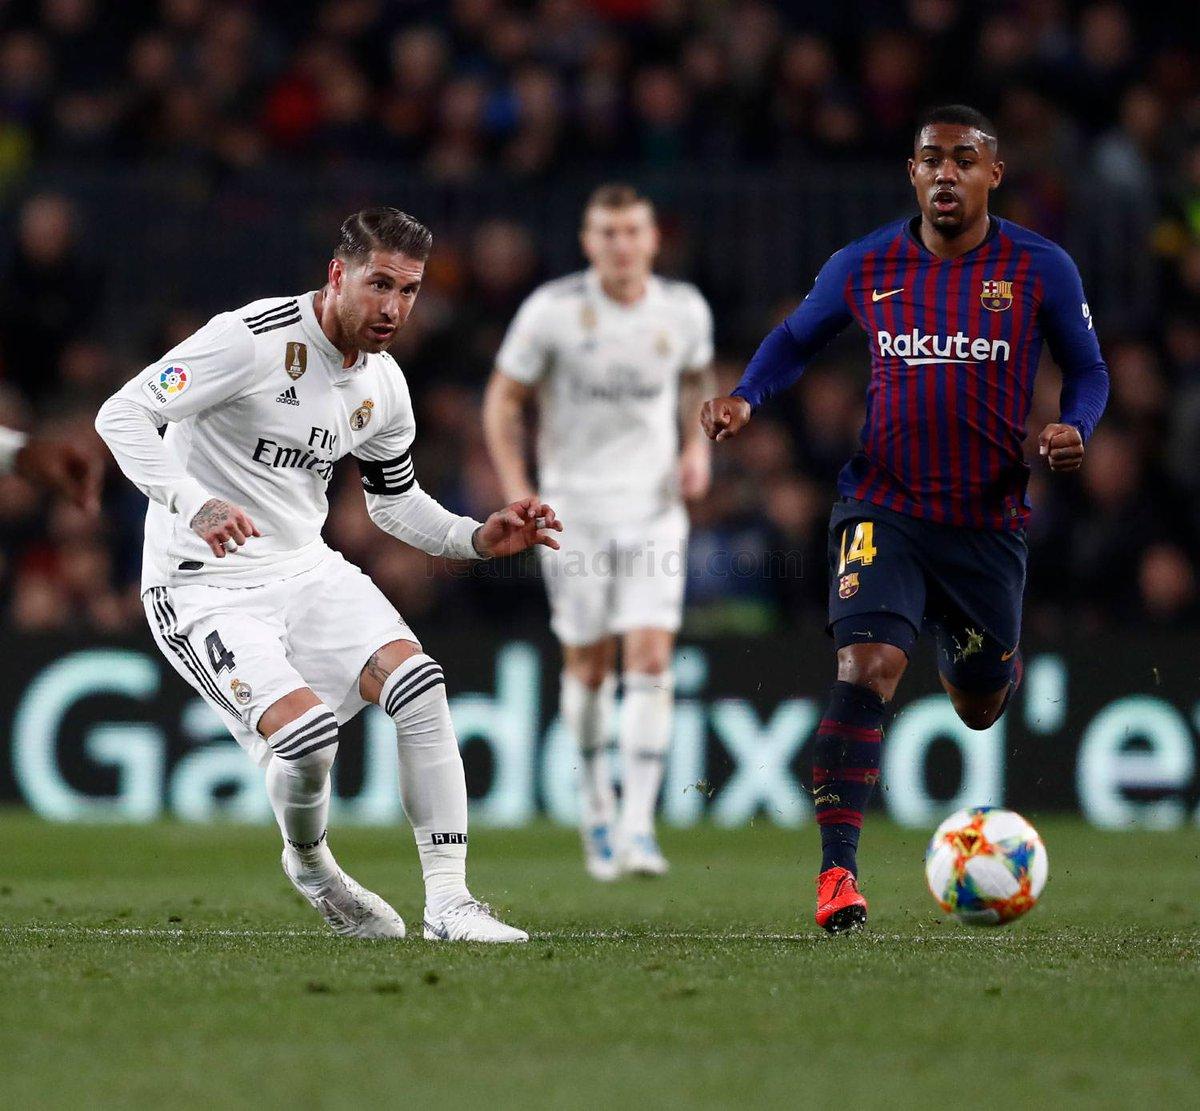 @SergioRamos: «Partido muy serio del equipo. El Bernabéu será clave. Vosotros seréis clave. #HalaMadrid». @realmadrid #RealMadrid #RMCopa #RMClásico #BarcelonaRealMadrid 1-1 #SergioRamos #HalaMadridYNadaMás #MadridismoUnido #APorLa20